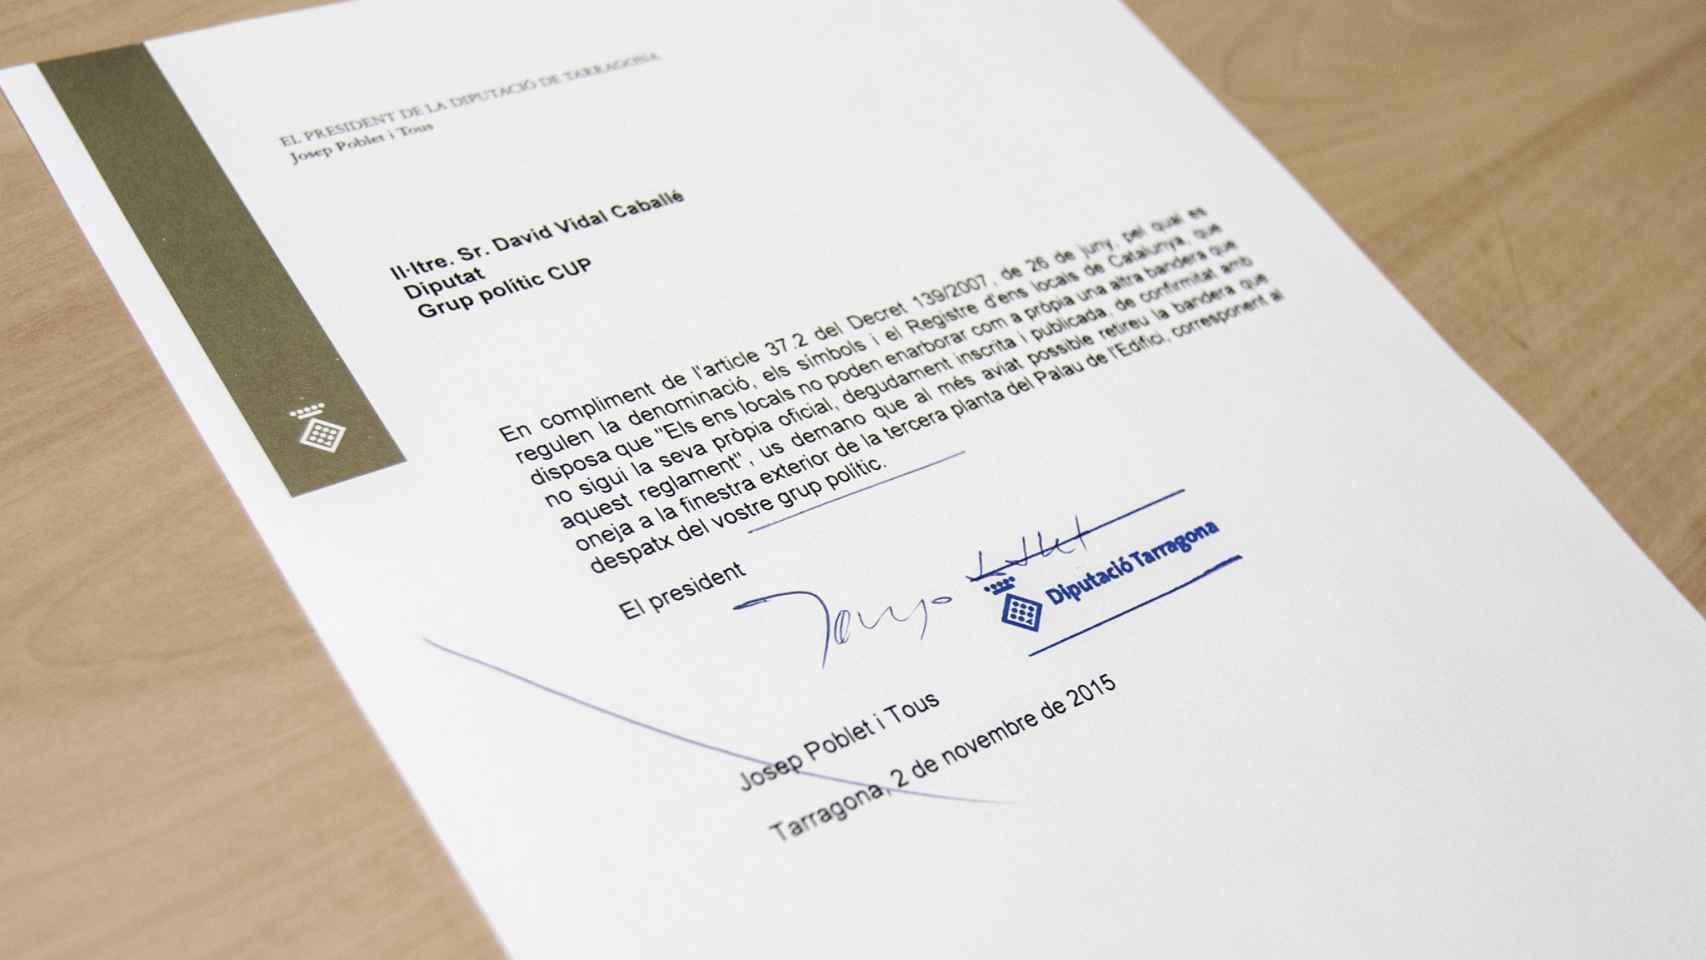 La carta enviada por Poblet a la CUP.